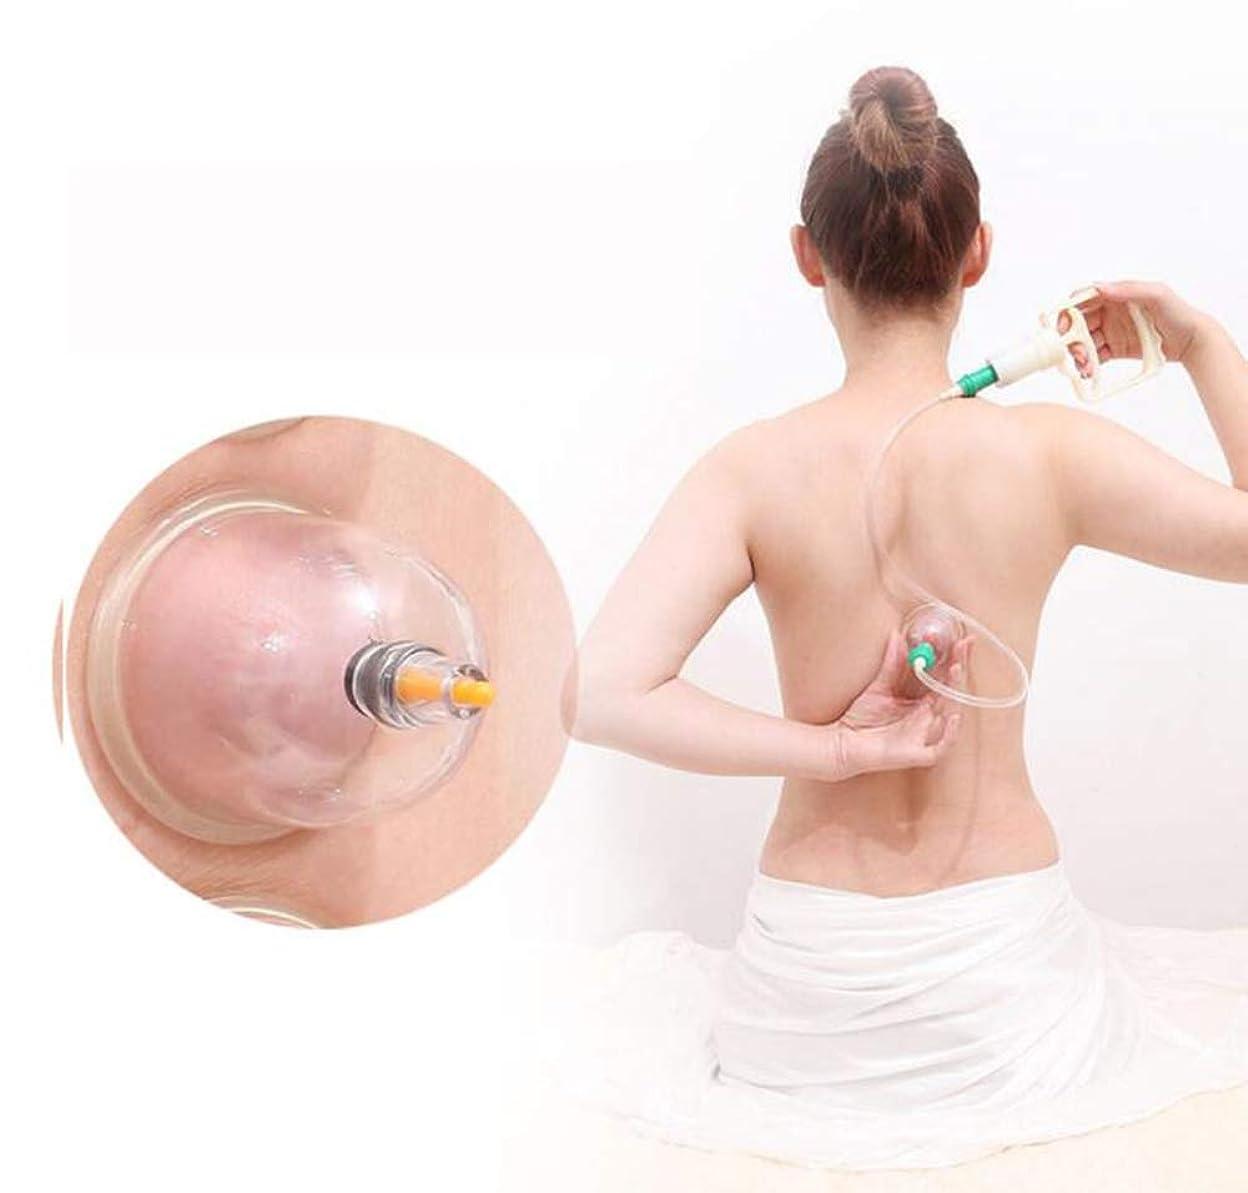 人間人気の舌なカッピング 吸い玉カップ 治療 痛み緩和 血液の循環を促す 中国式療法 マッサージ効果